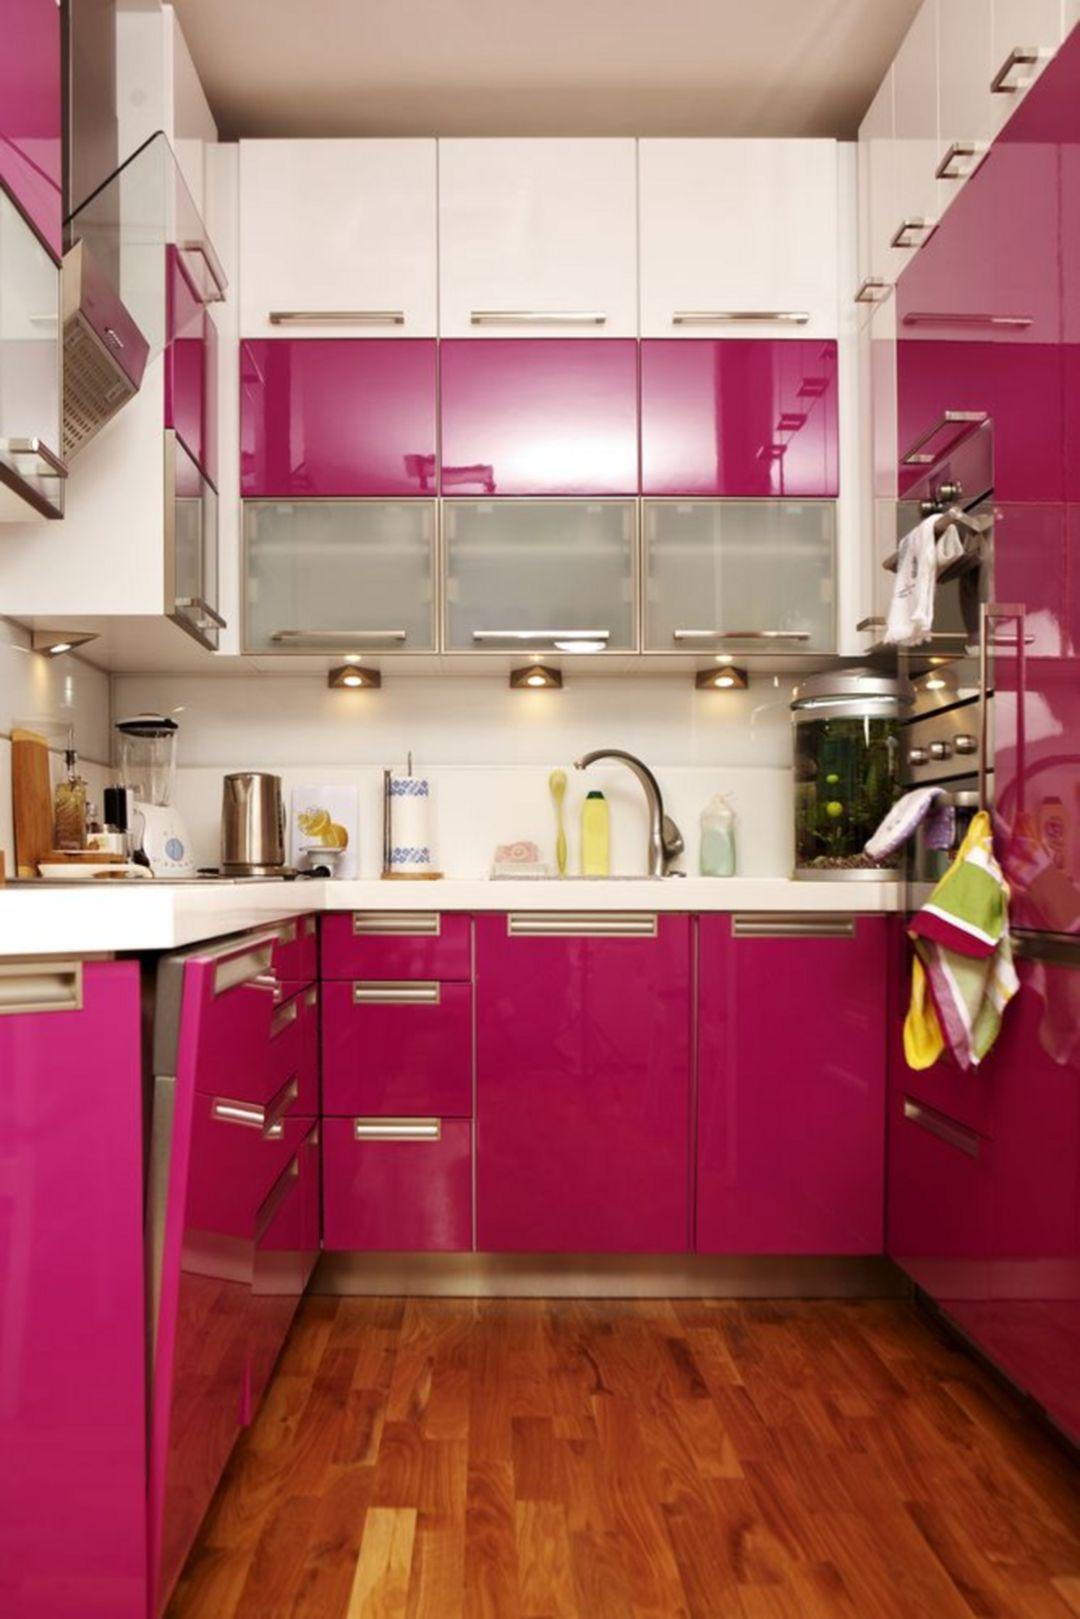 Pin On Kitchen Room Ideas